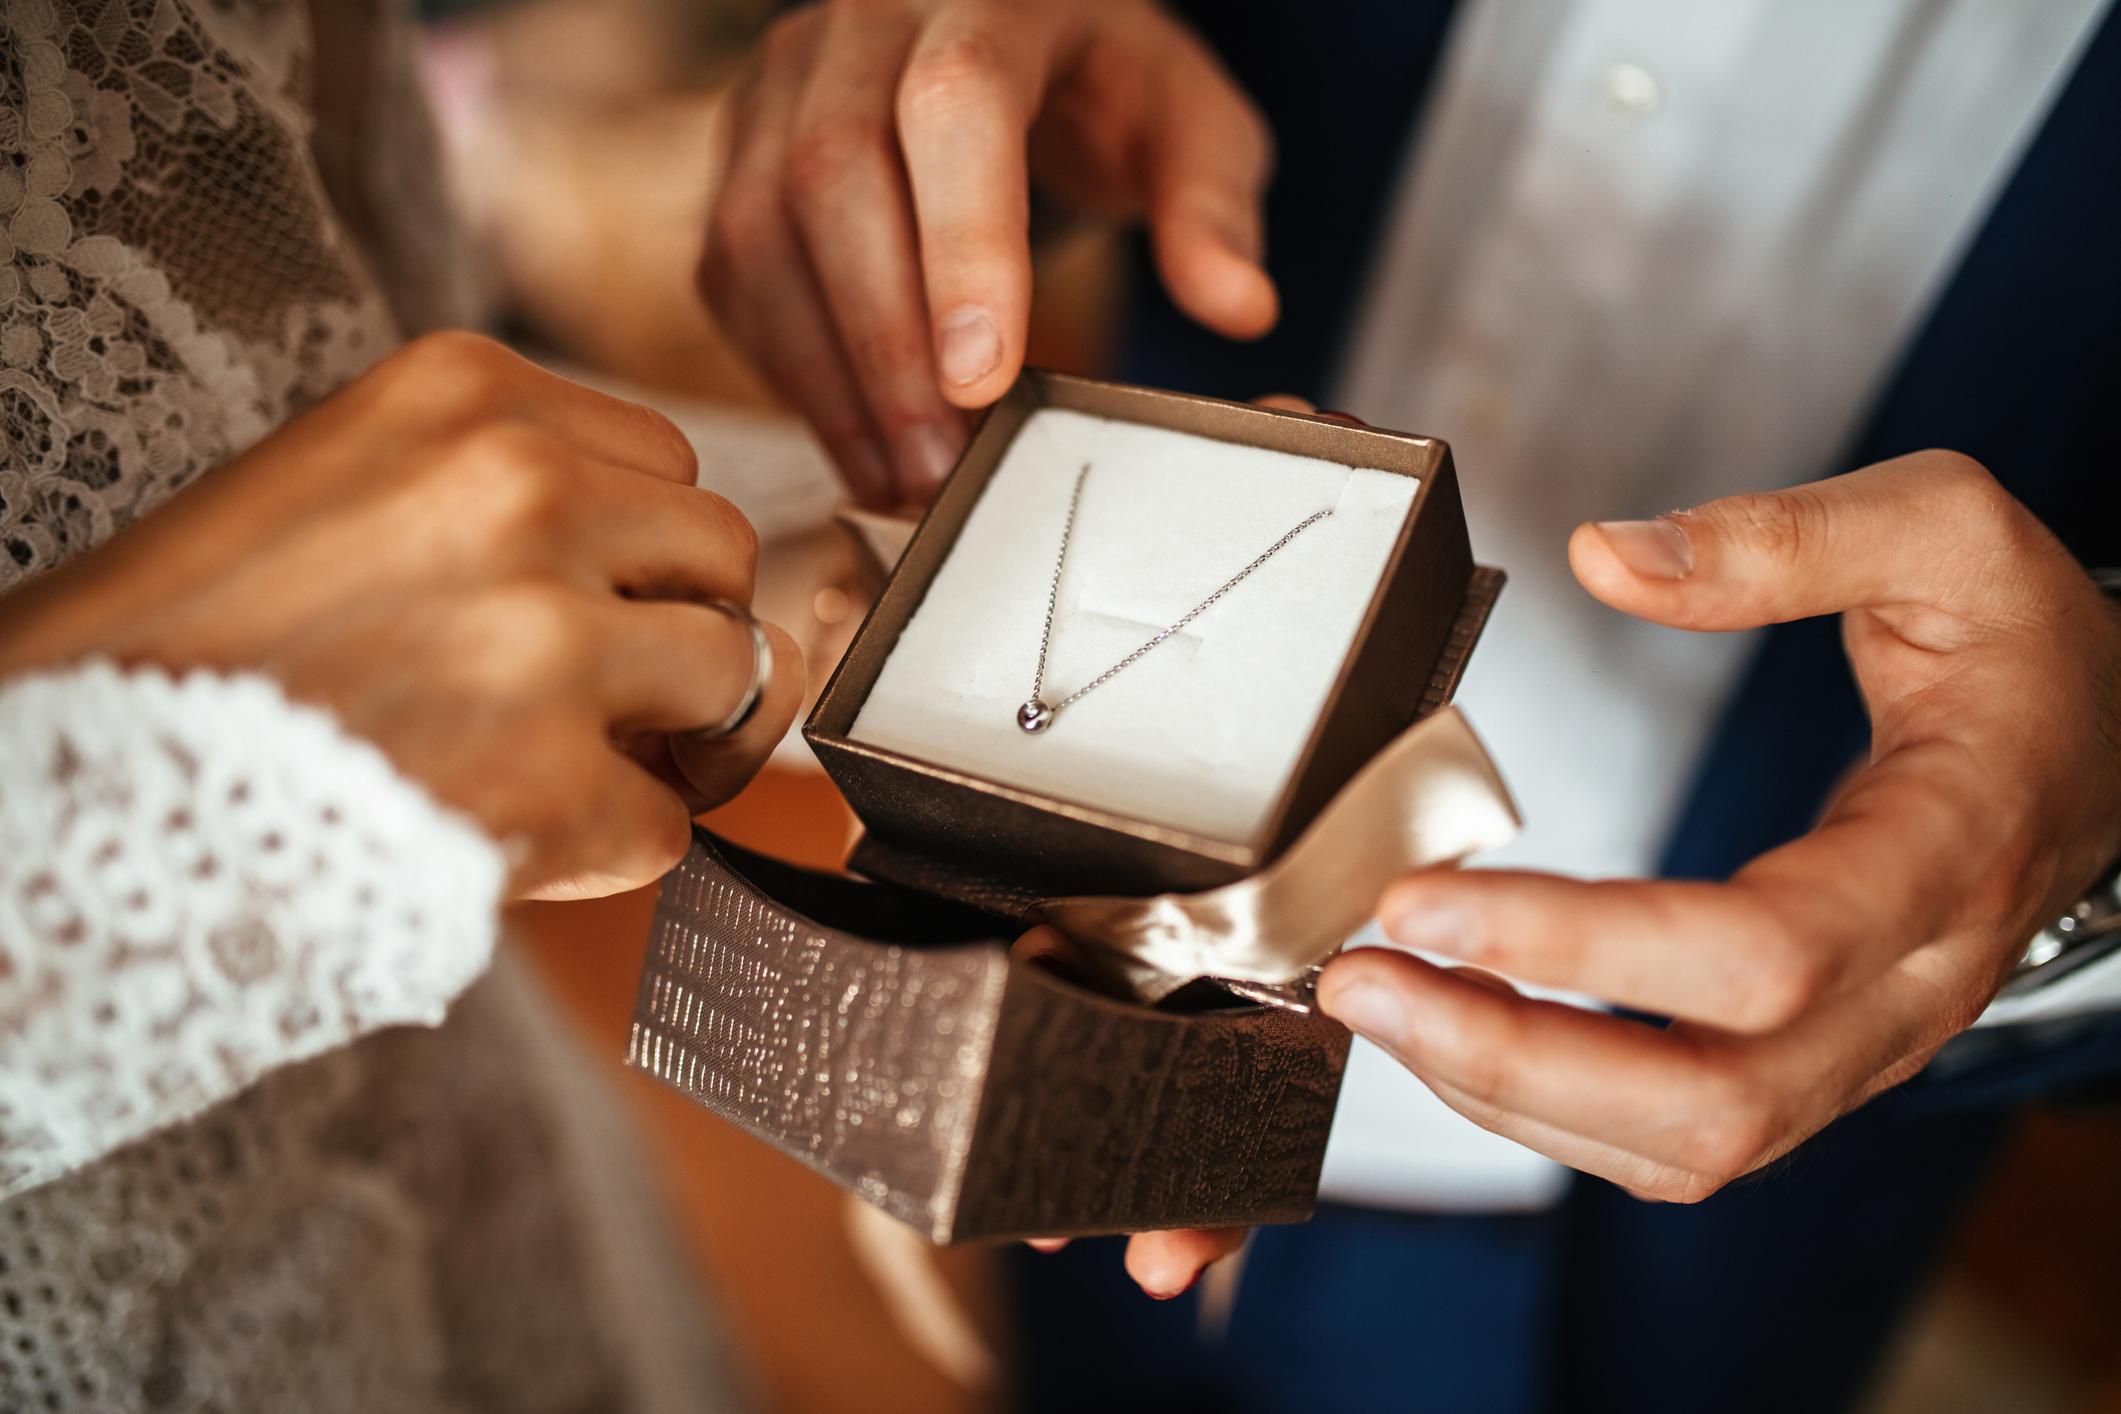 <p>Колие</p>  <p>Господа, взехте ли подарък за любимата? Ако сте забравили за подаръка на най-любимото момиче, сега е моментът&nbsp;да посетите най-близката бижутерия и да ѝ изберете красиво и нежно колие. Kогато правите избора, си спомнете какви бижута носи и се консултирайте с продавачките, за да може вашият подарък да е най-добрият, който сте правили досега.</p>